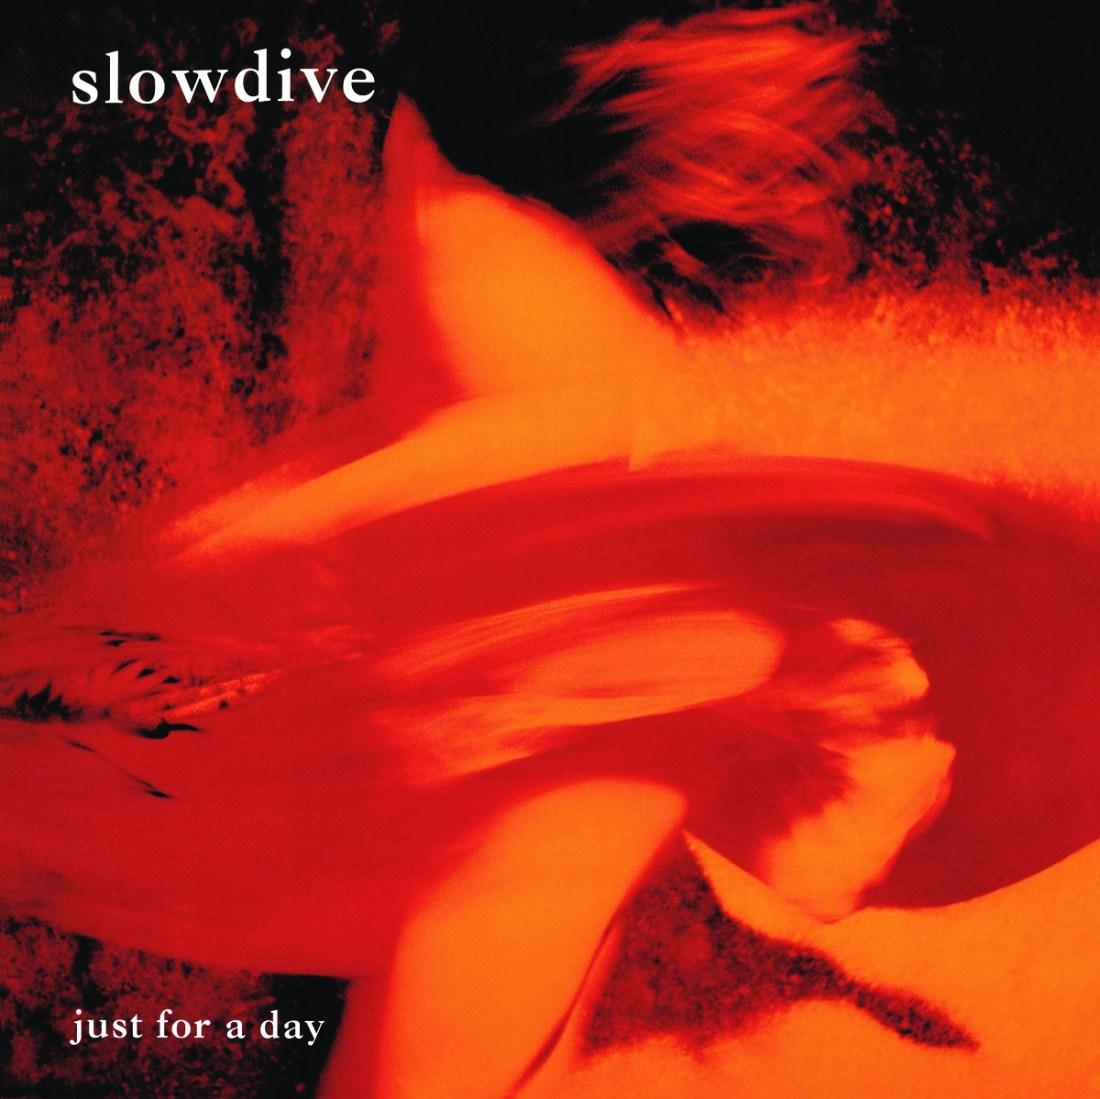 My Life in Vinyl: Alan McGee - Slowdive